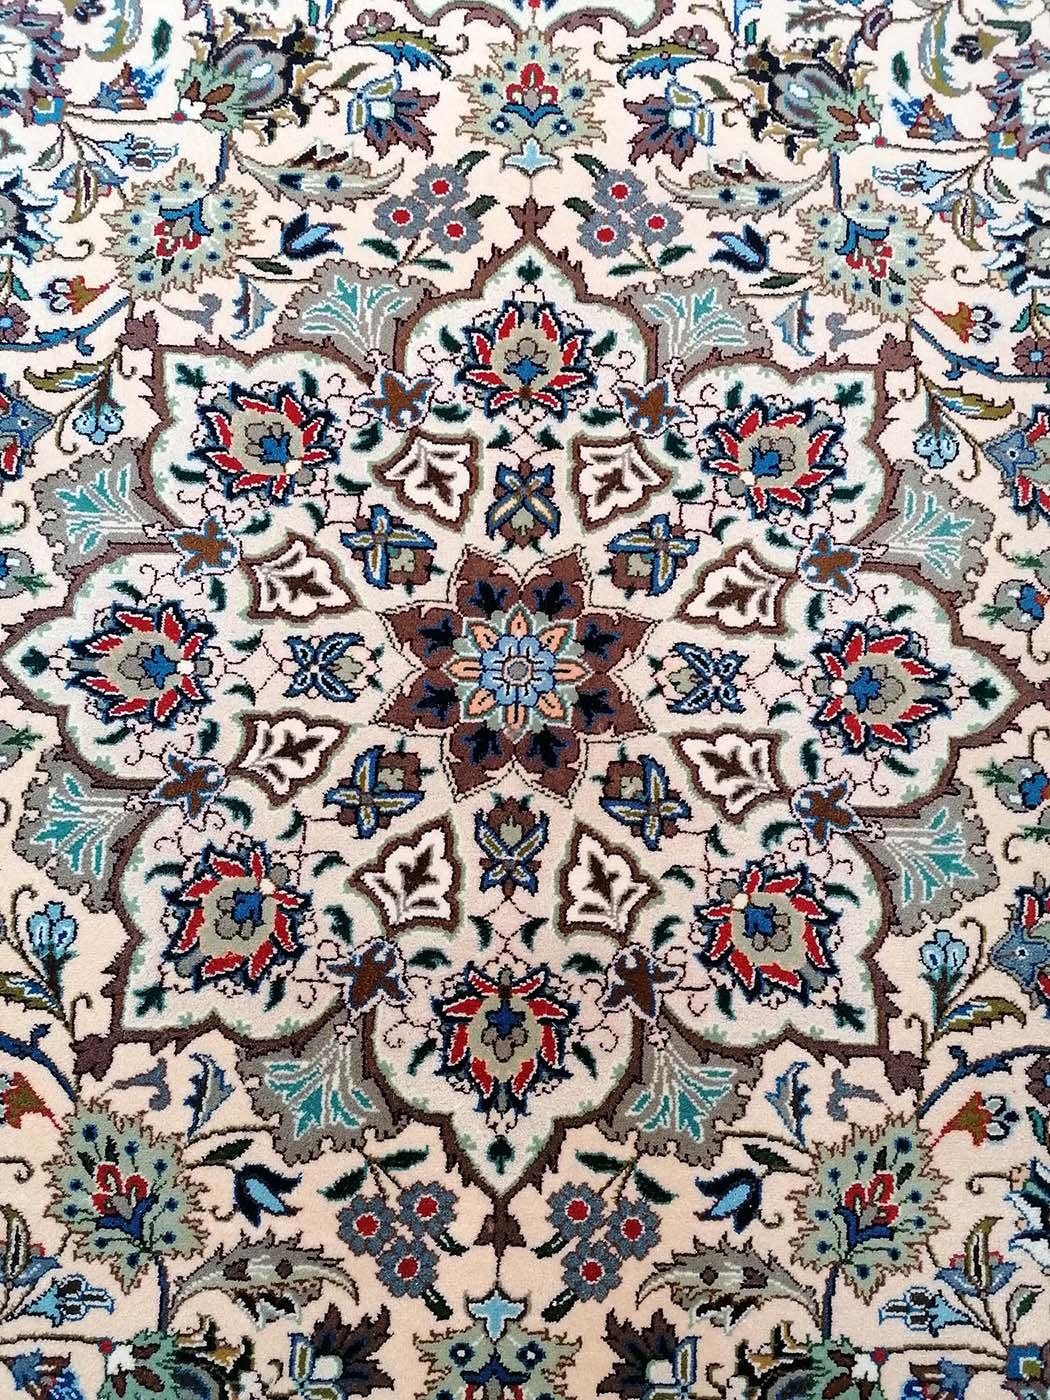 N. 10808 Kashmar, Iran, firmato Fayaz, medaglione centrale.